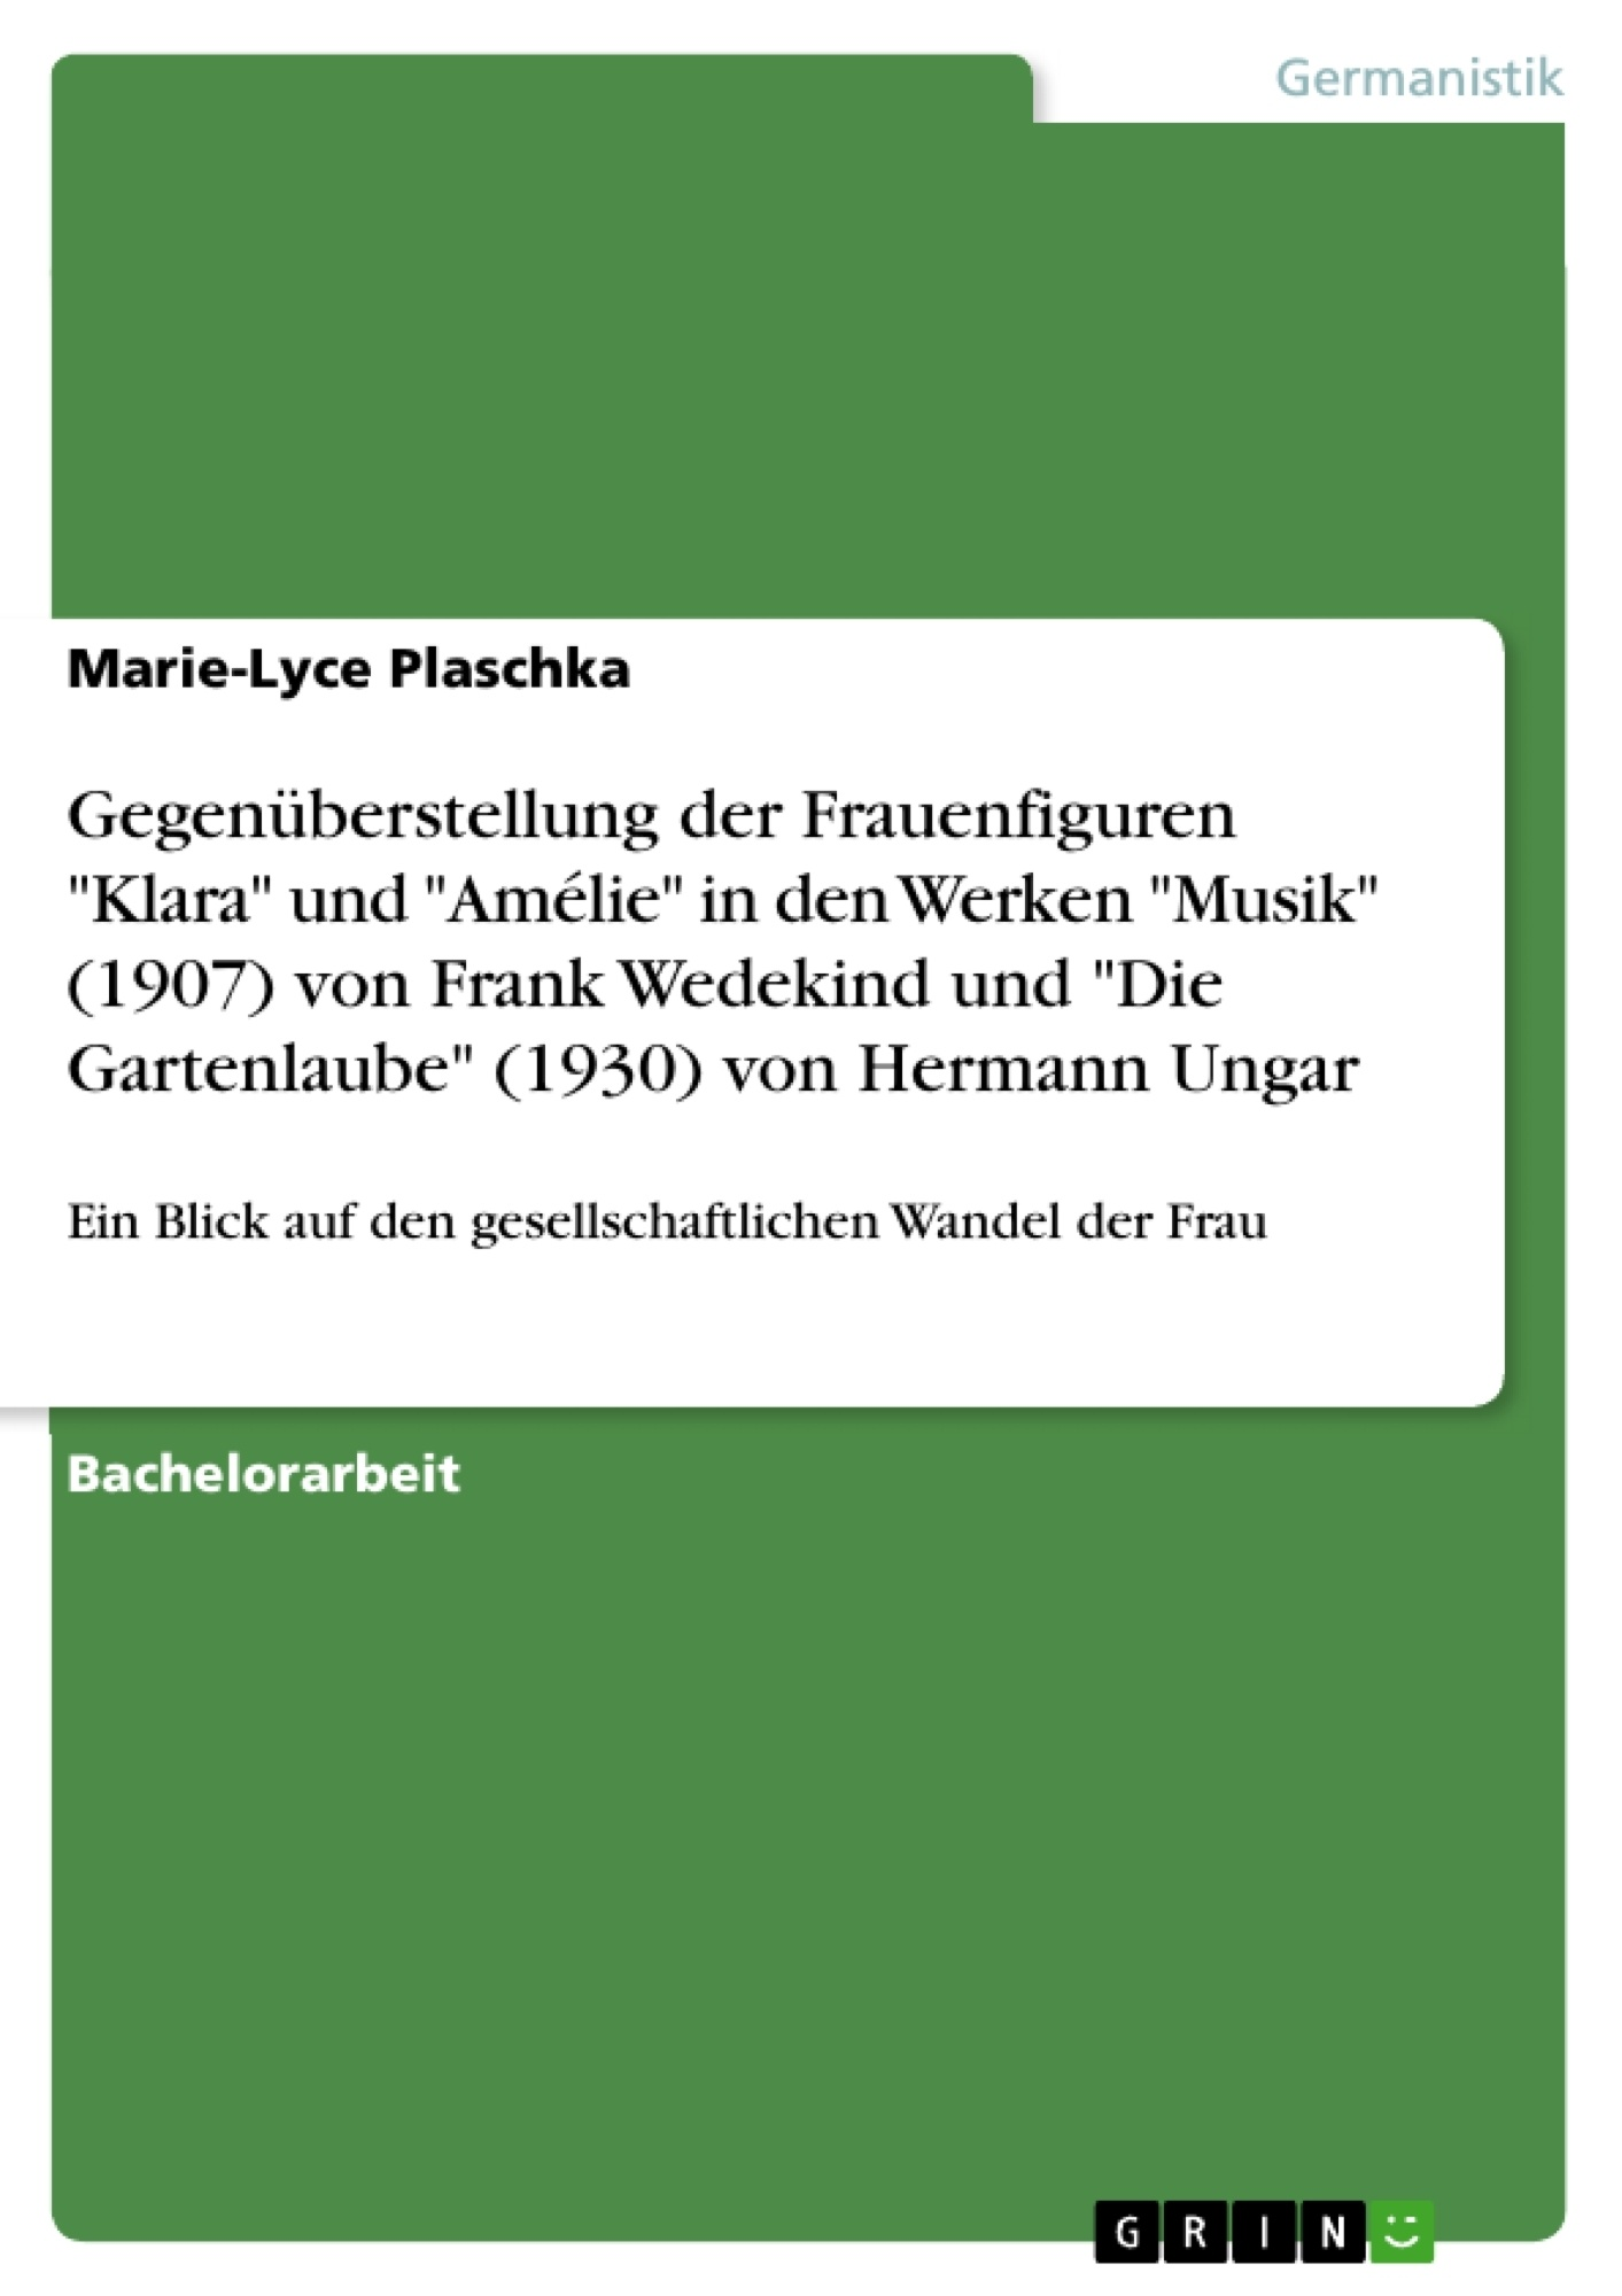 """Titel: Gegenüberstellung der Frauenfiguren """"Klara"""" und """"Amélie"""" in den Werken """"Musik"""" (1907) von Frank Wedekind und """"Die Gartenlaube"""" (1930) von Hermann Ungar"""